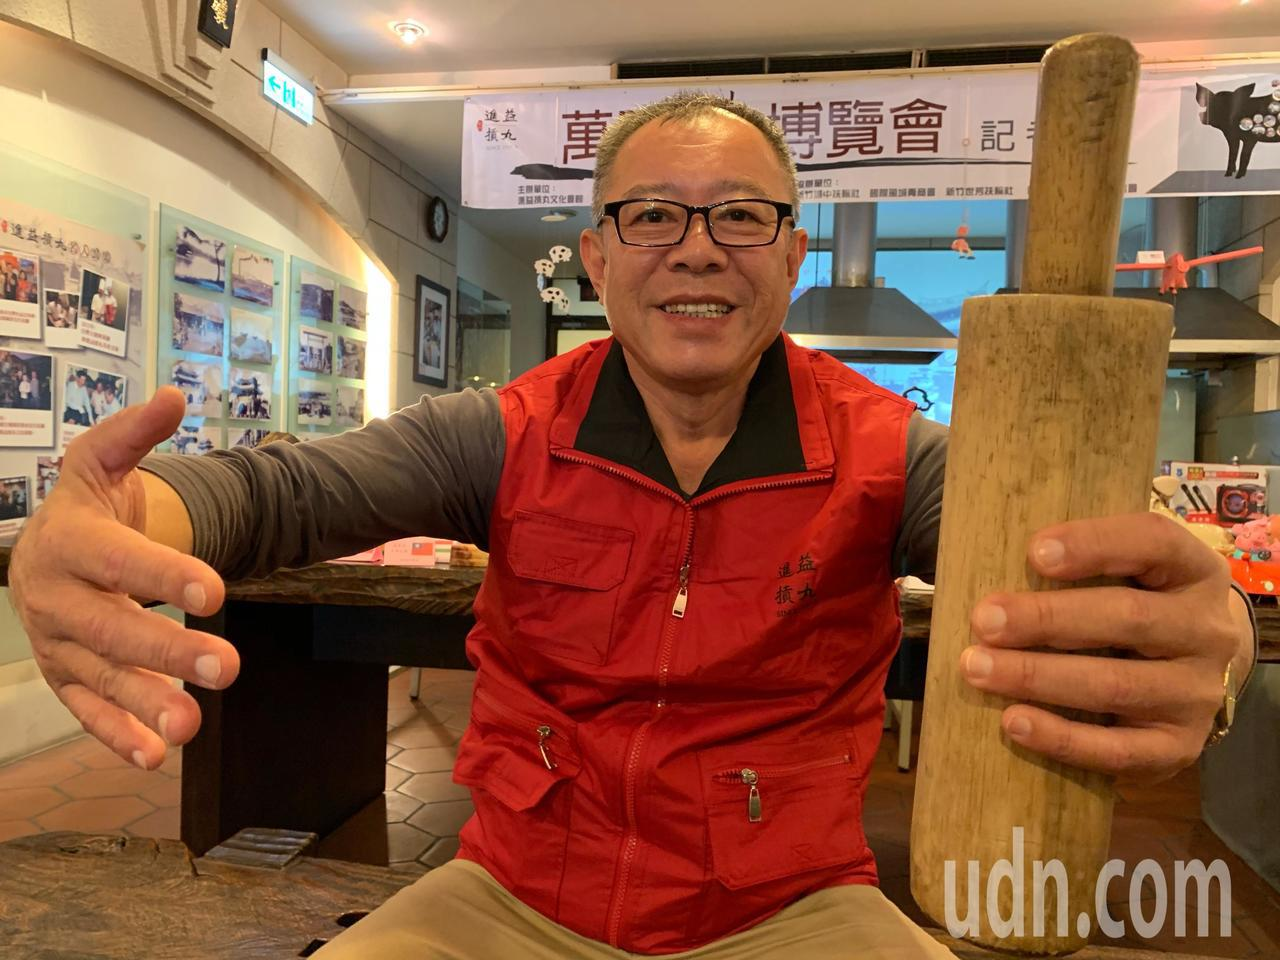 進益摃丸董事長葉聰敏期許將新竹的摃丸產業行銷國際。記者郭宣彣/攝影